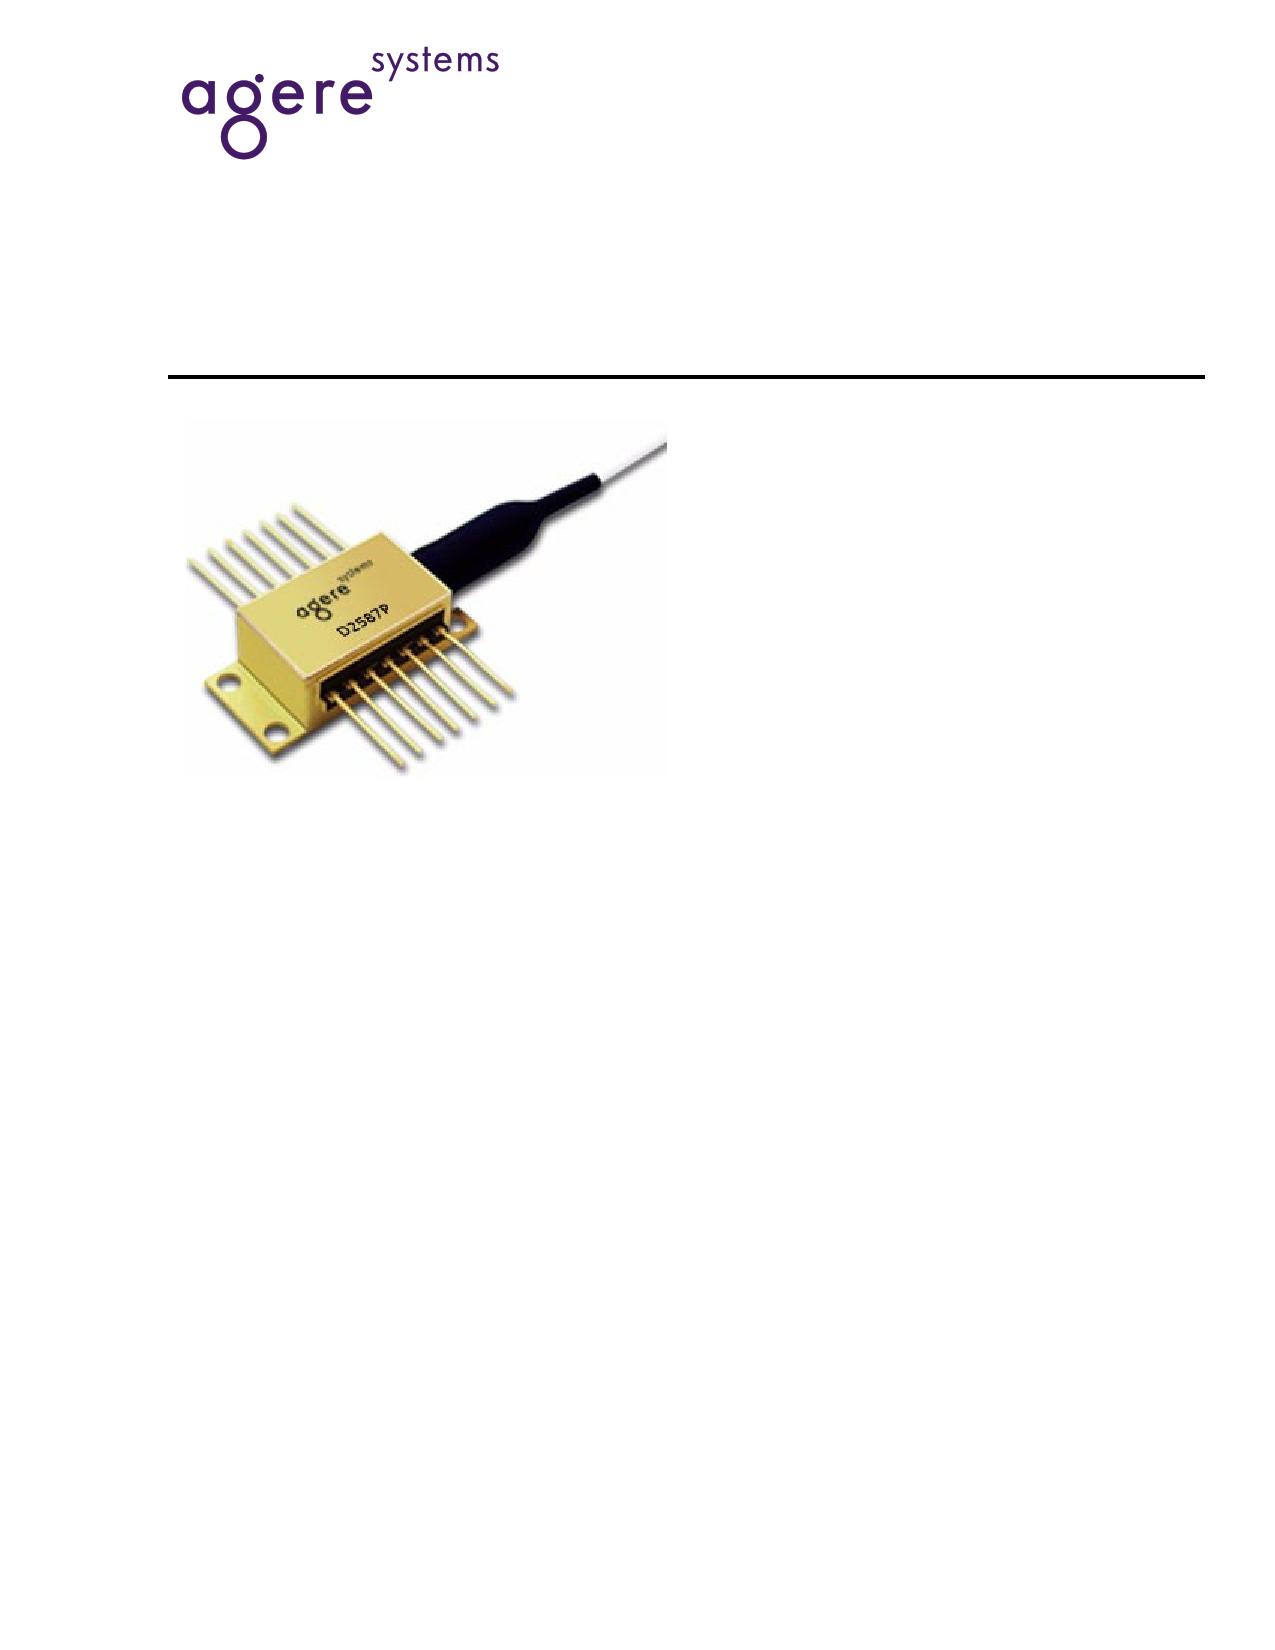 D2587P879 datasheet, circuit